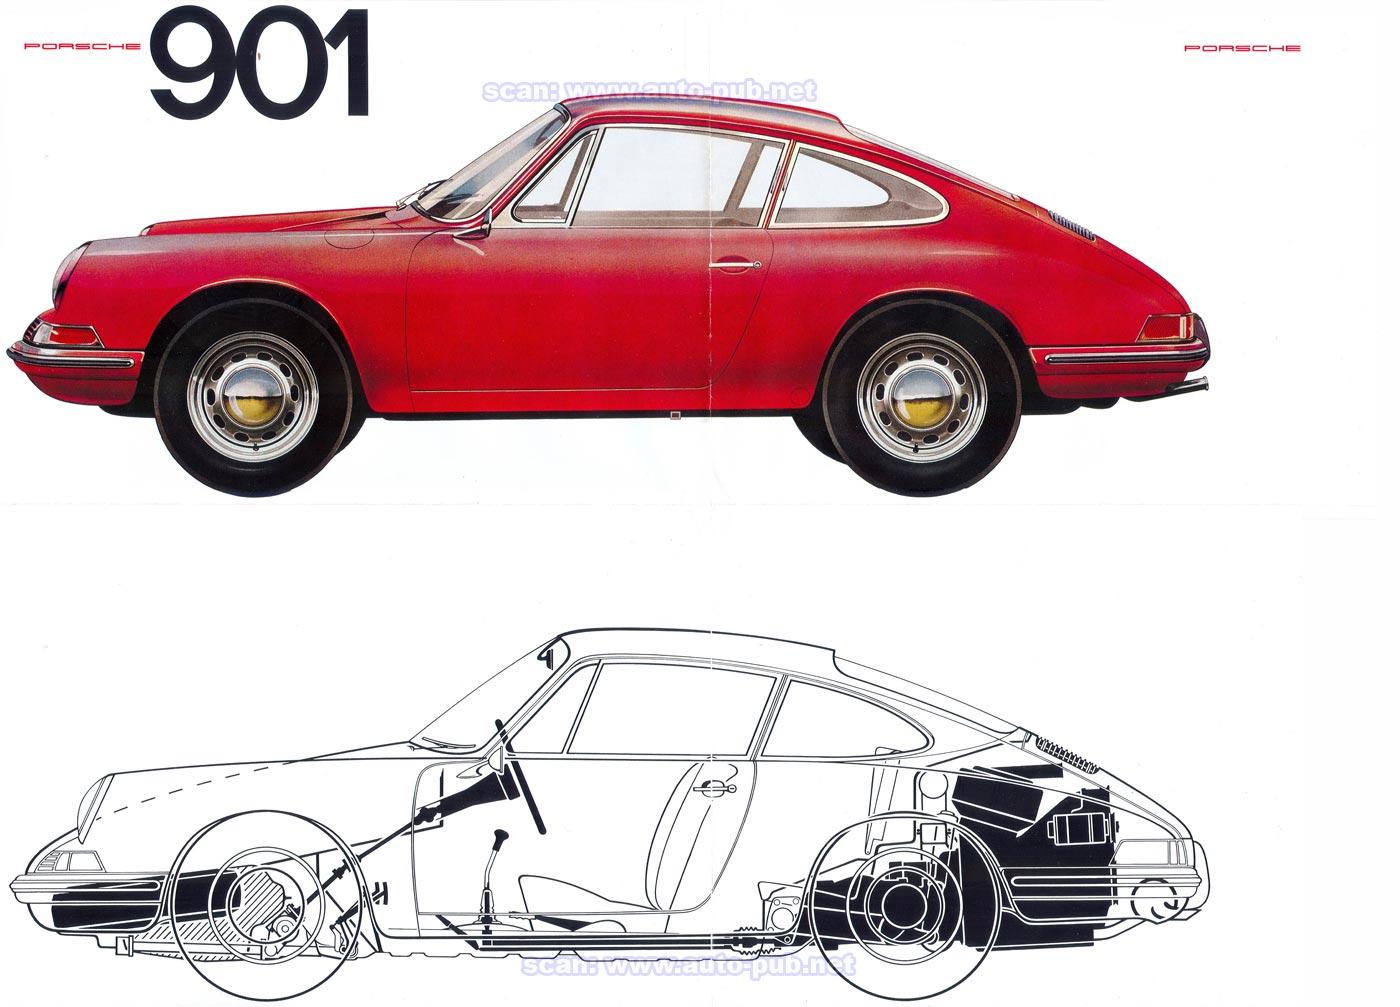 Une suite de nombres en photos ... - Page 5 Porsche_901_1